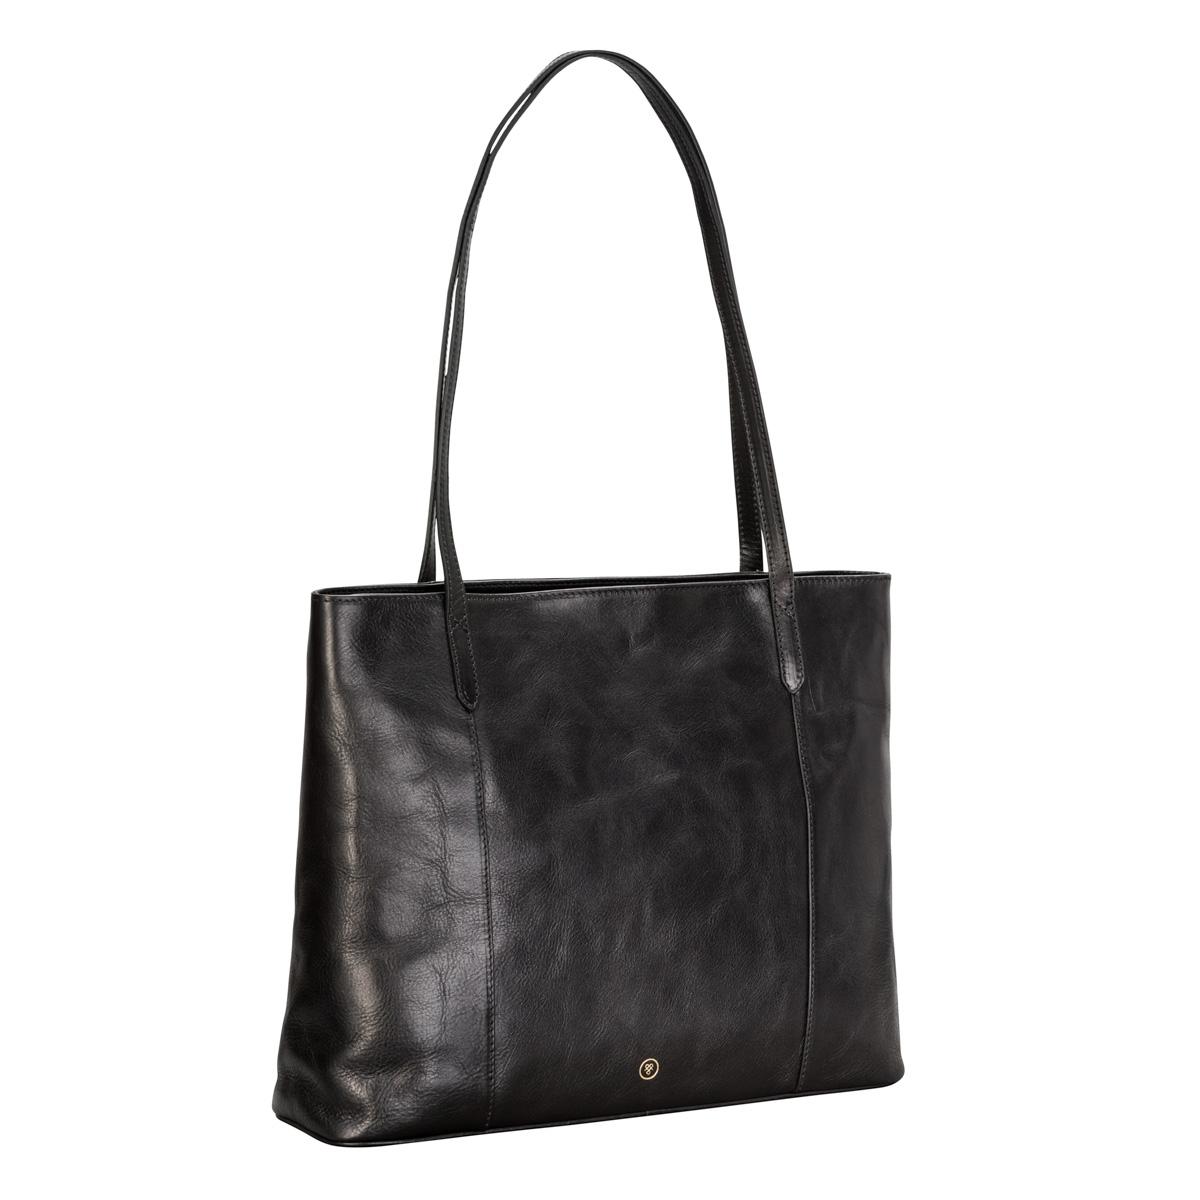 WOMEN S ELEGANT BLACK LEATHER SHOPPER BAG